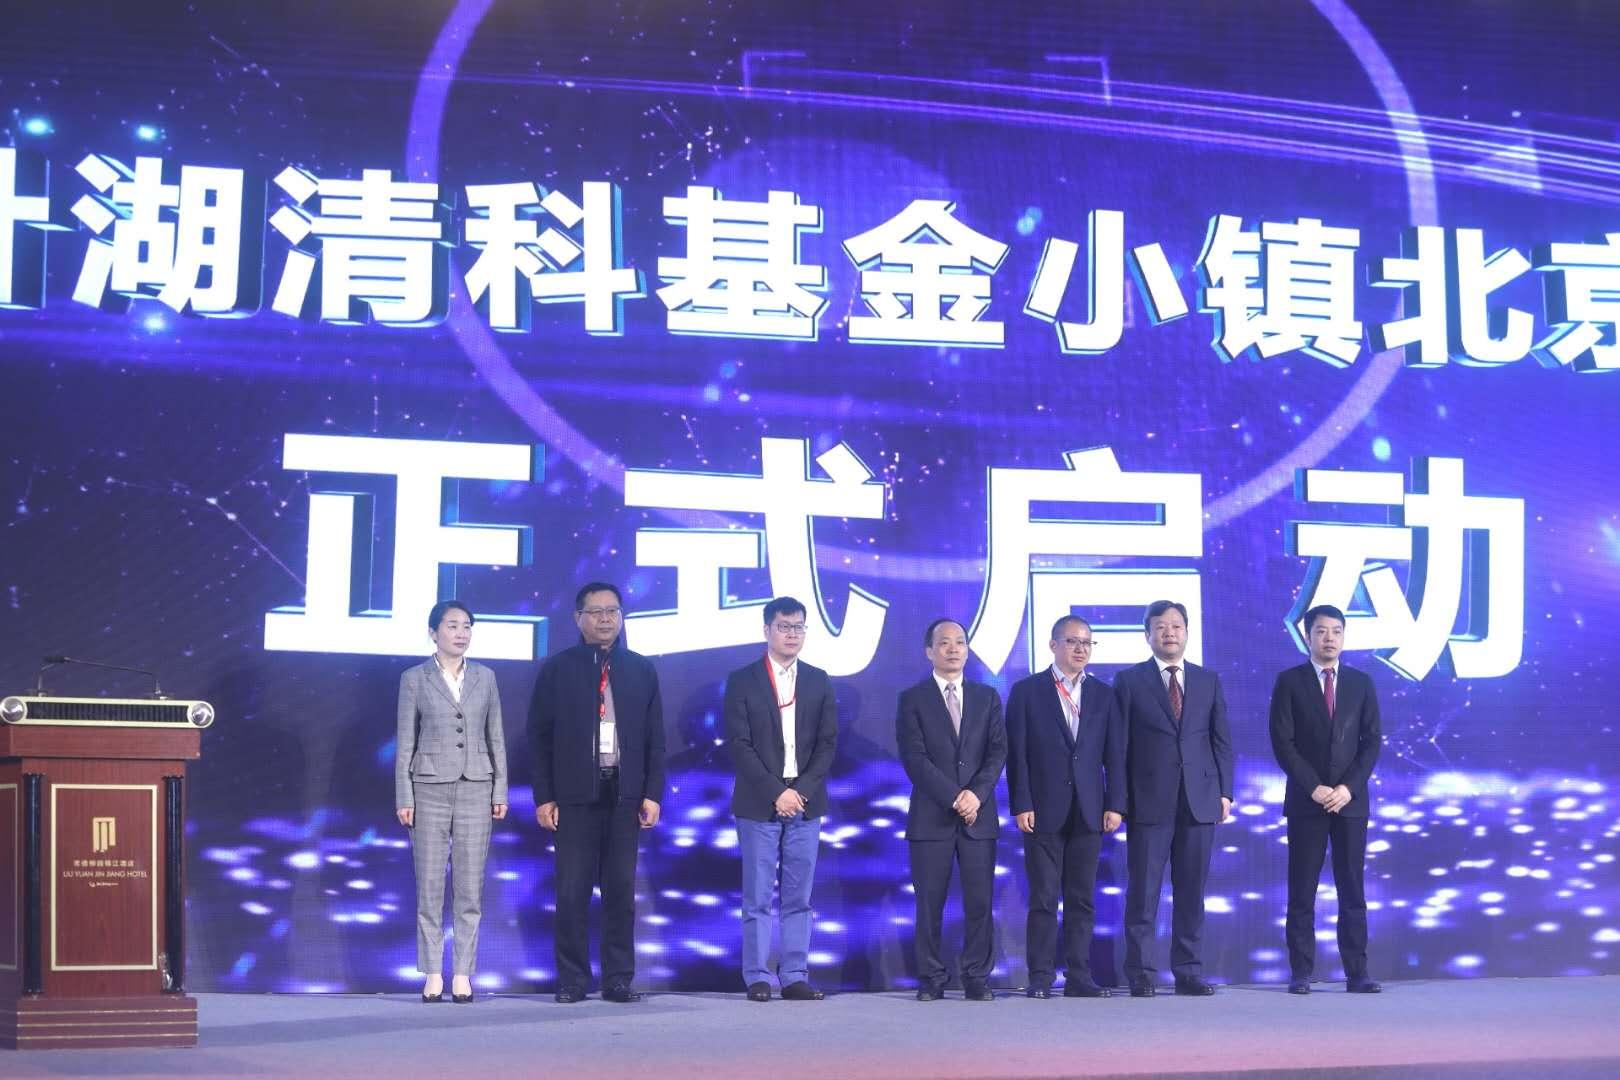 【快讯】刚刚,常德柳叶湖清科基金小镇北京服务中心成立